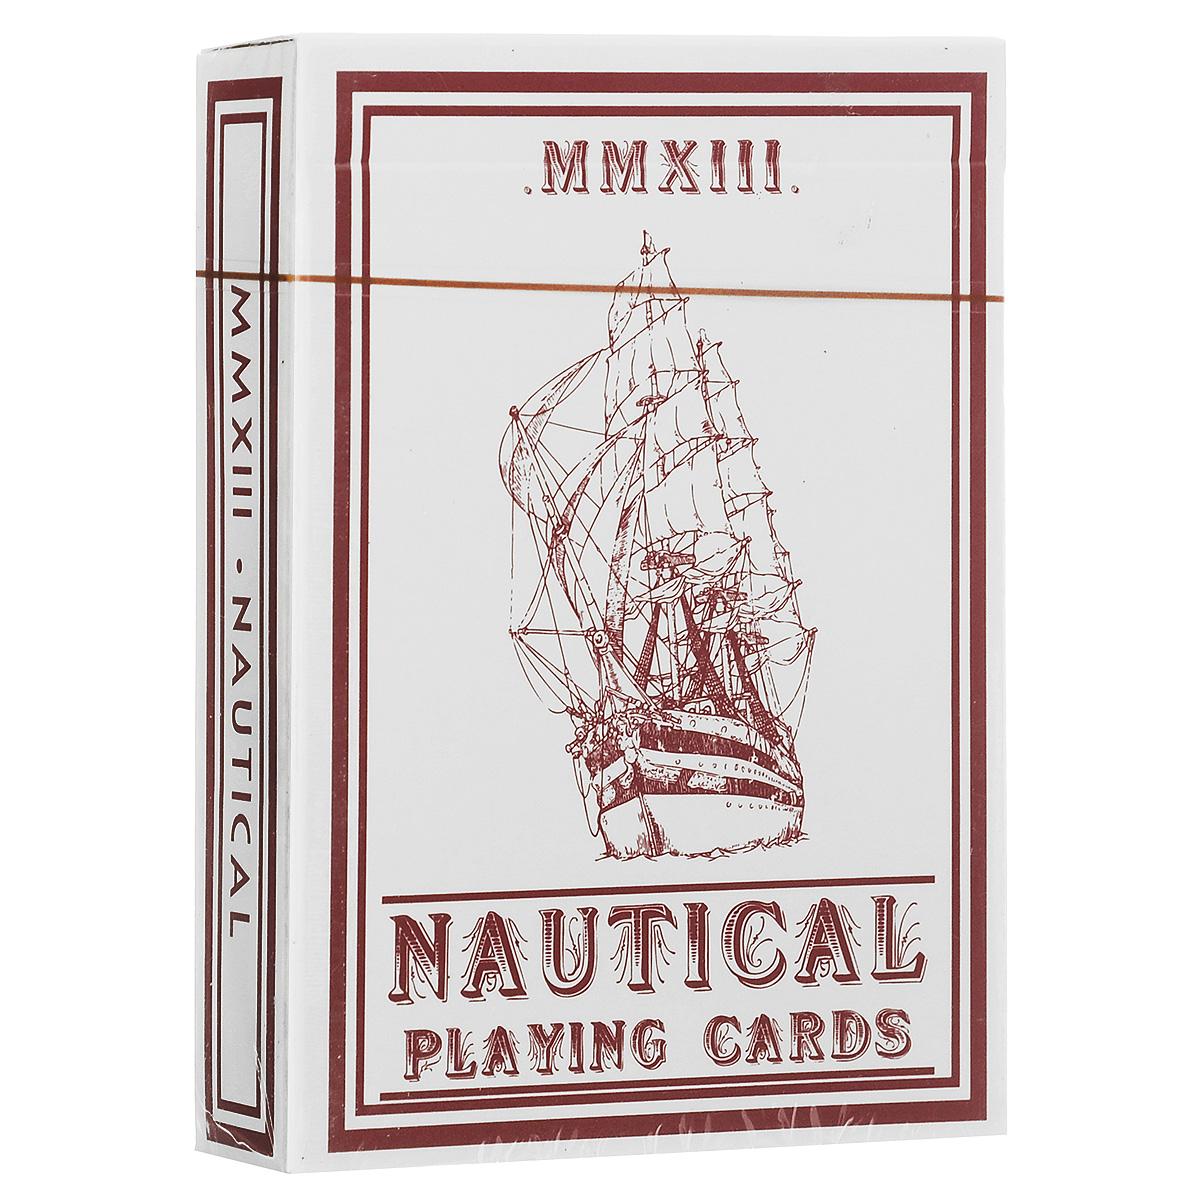 Навигационные игральные карты House of Playing Cards, цвет: красныйК-316Навигационная колода - детище художника Эдо Хуана, по дизайну напоминающая классические колоды Bee. Все в этой колоде вдохновлено морем. Джокер-корабль завершает композицию из якорных канатов, которые являются связующим элементом всех карт колоды. Чем больше карты используются, тем удобнее с ними выступать. В каждой колоде вы найдете специальную дизайнерскую карту.